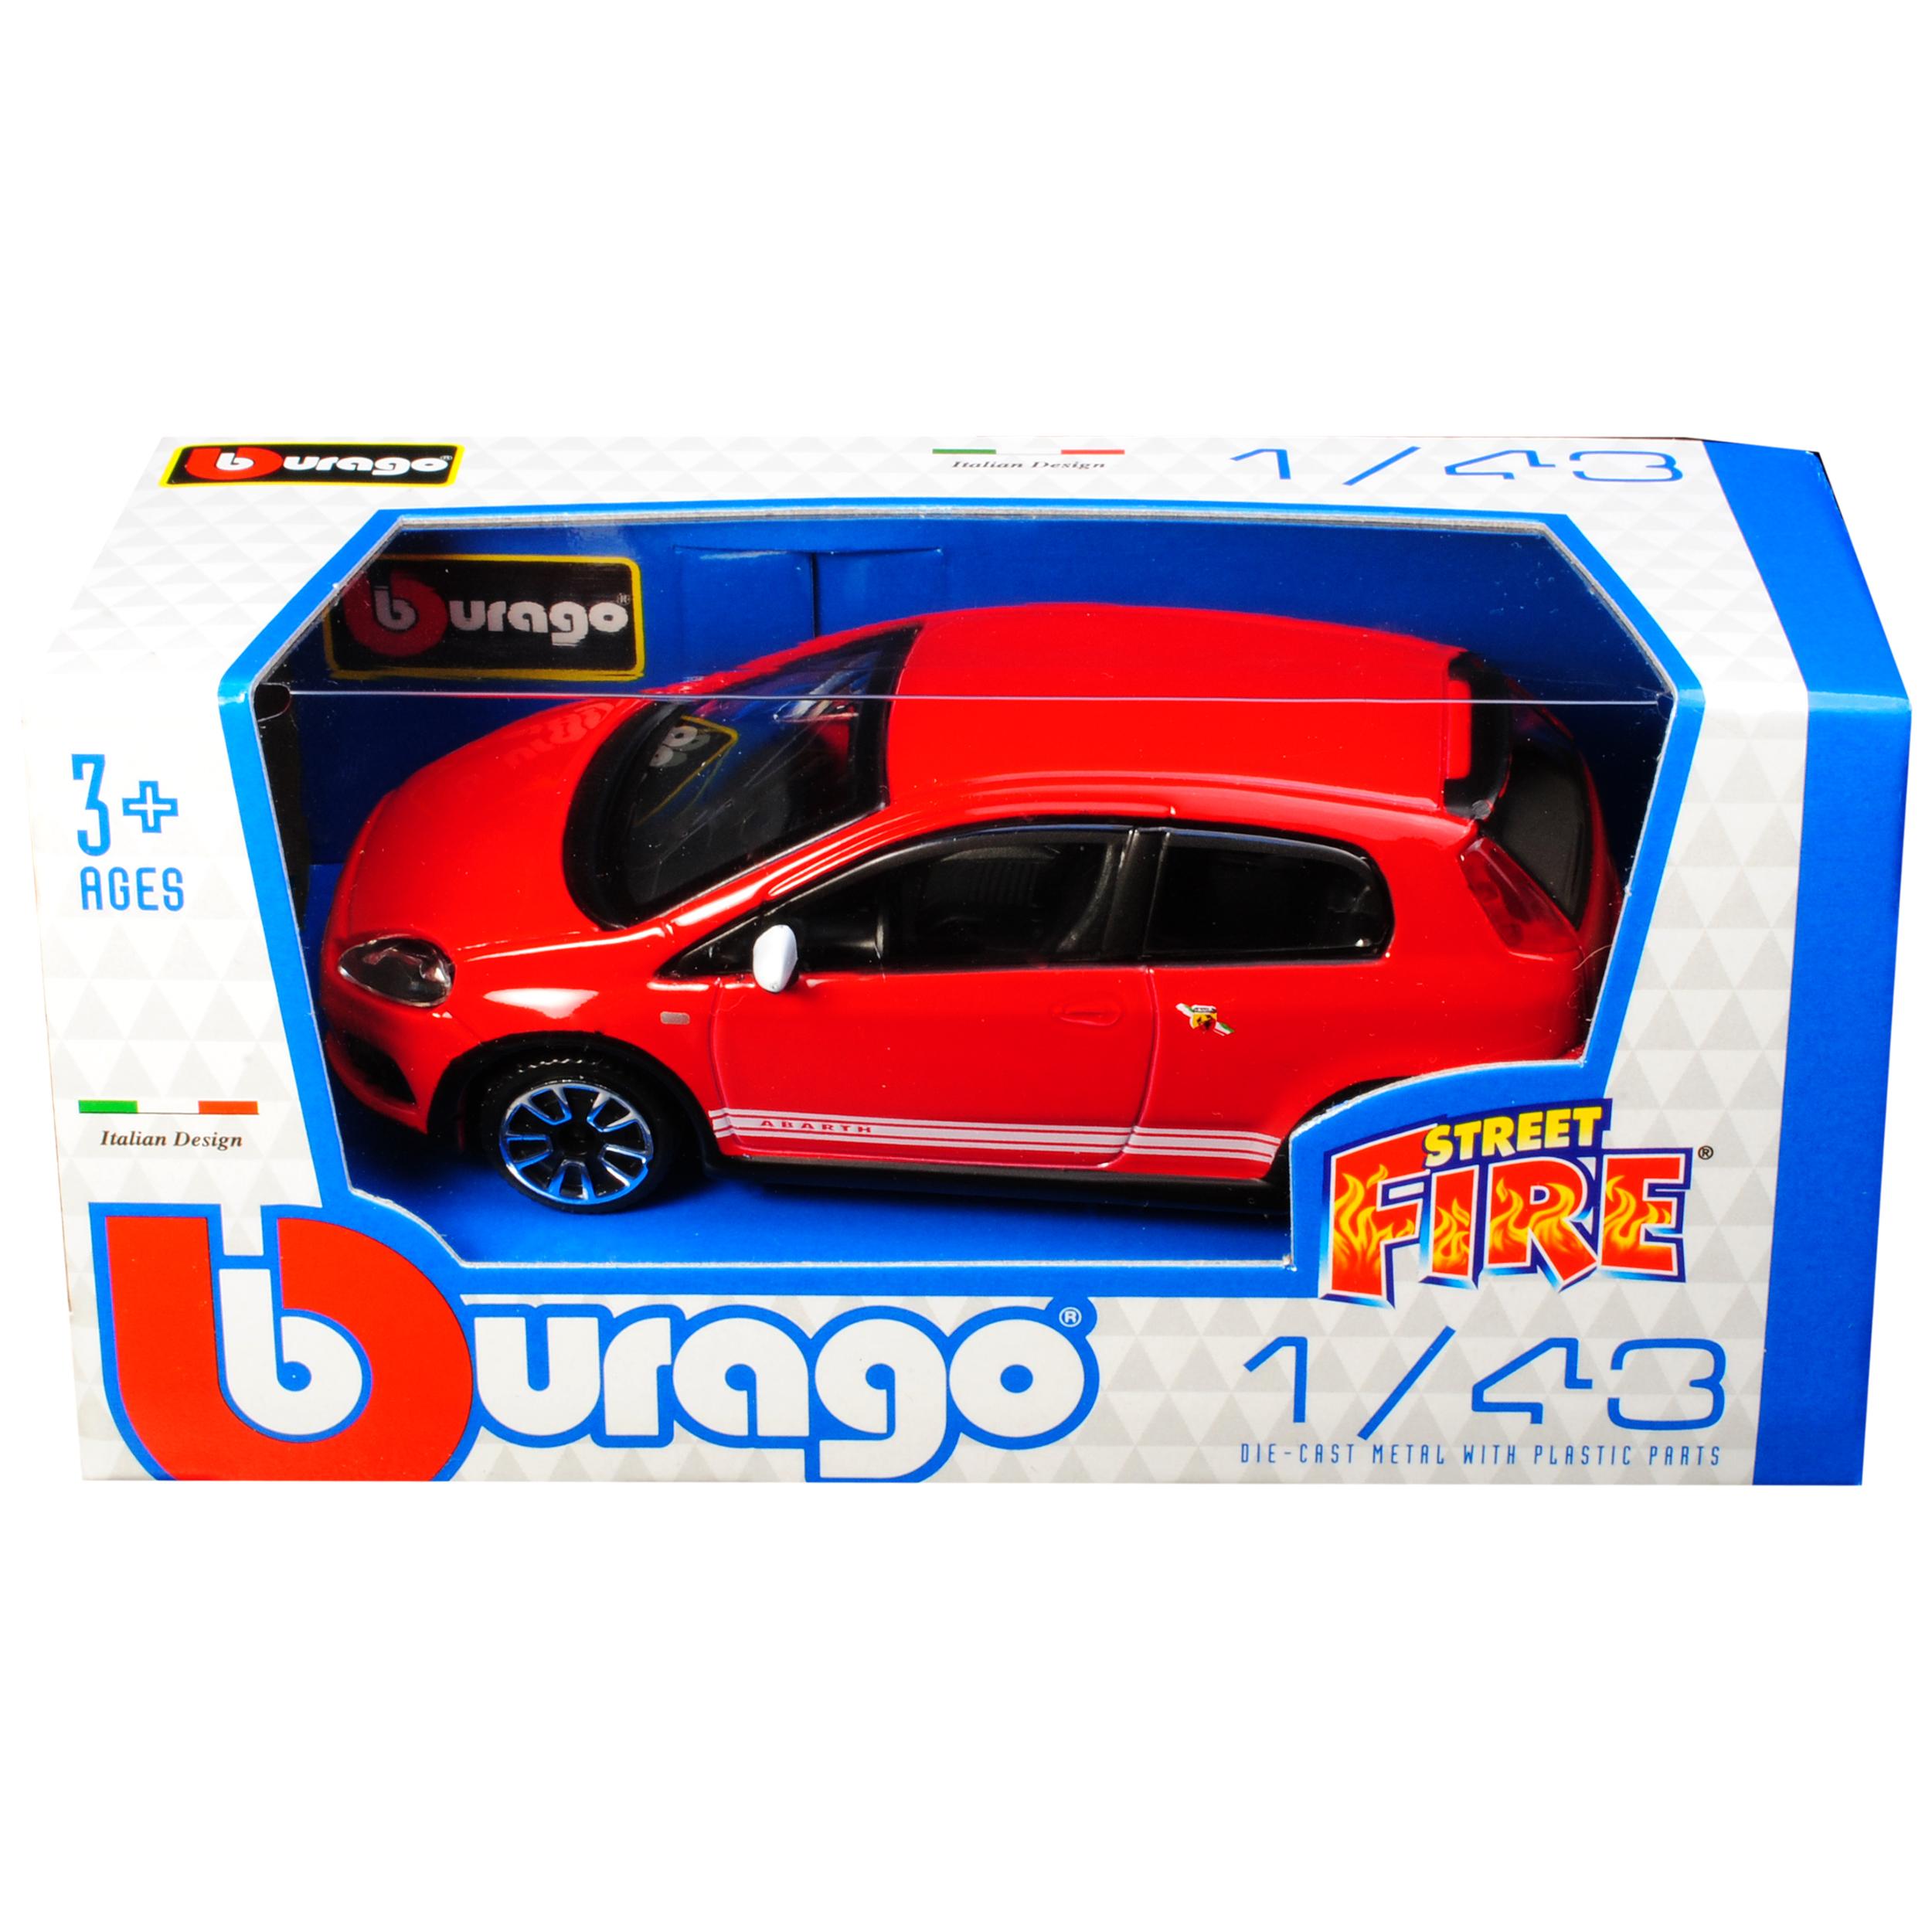 Modelo de 2005 1//43 Bburago modelo en Fiat Grande Punto Abarth rojo 3ª generación...